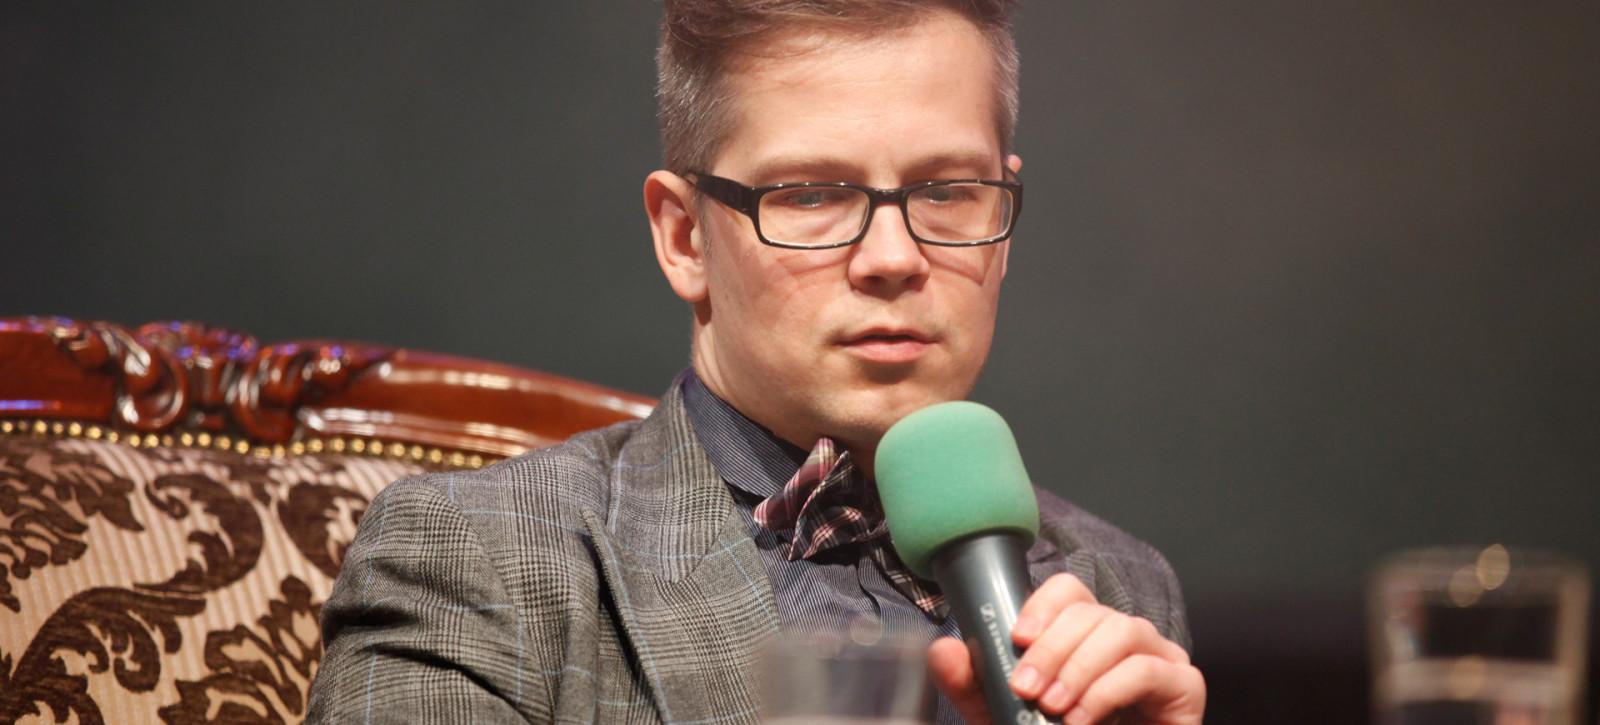 NAGRANIA_Nowe-sytuacje-w-Trybie-męskim-Jacek-Dehnel